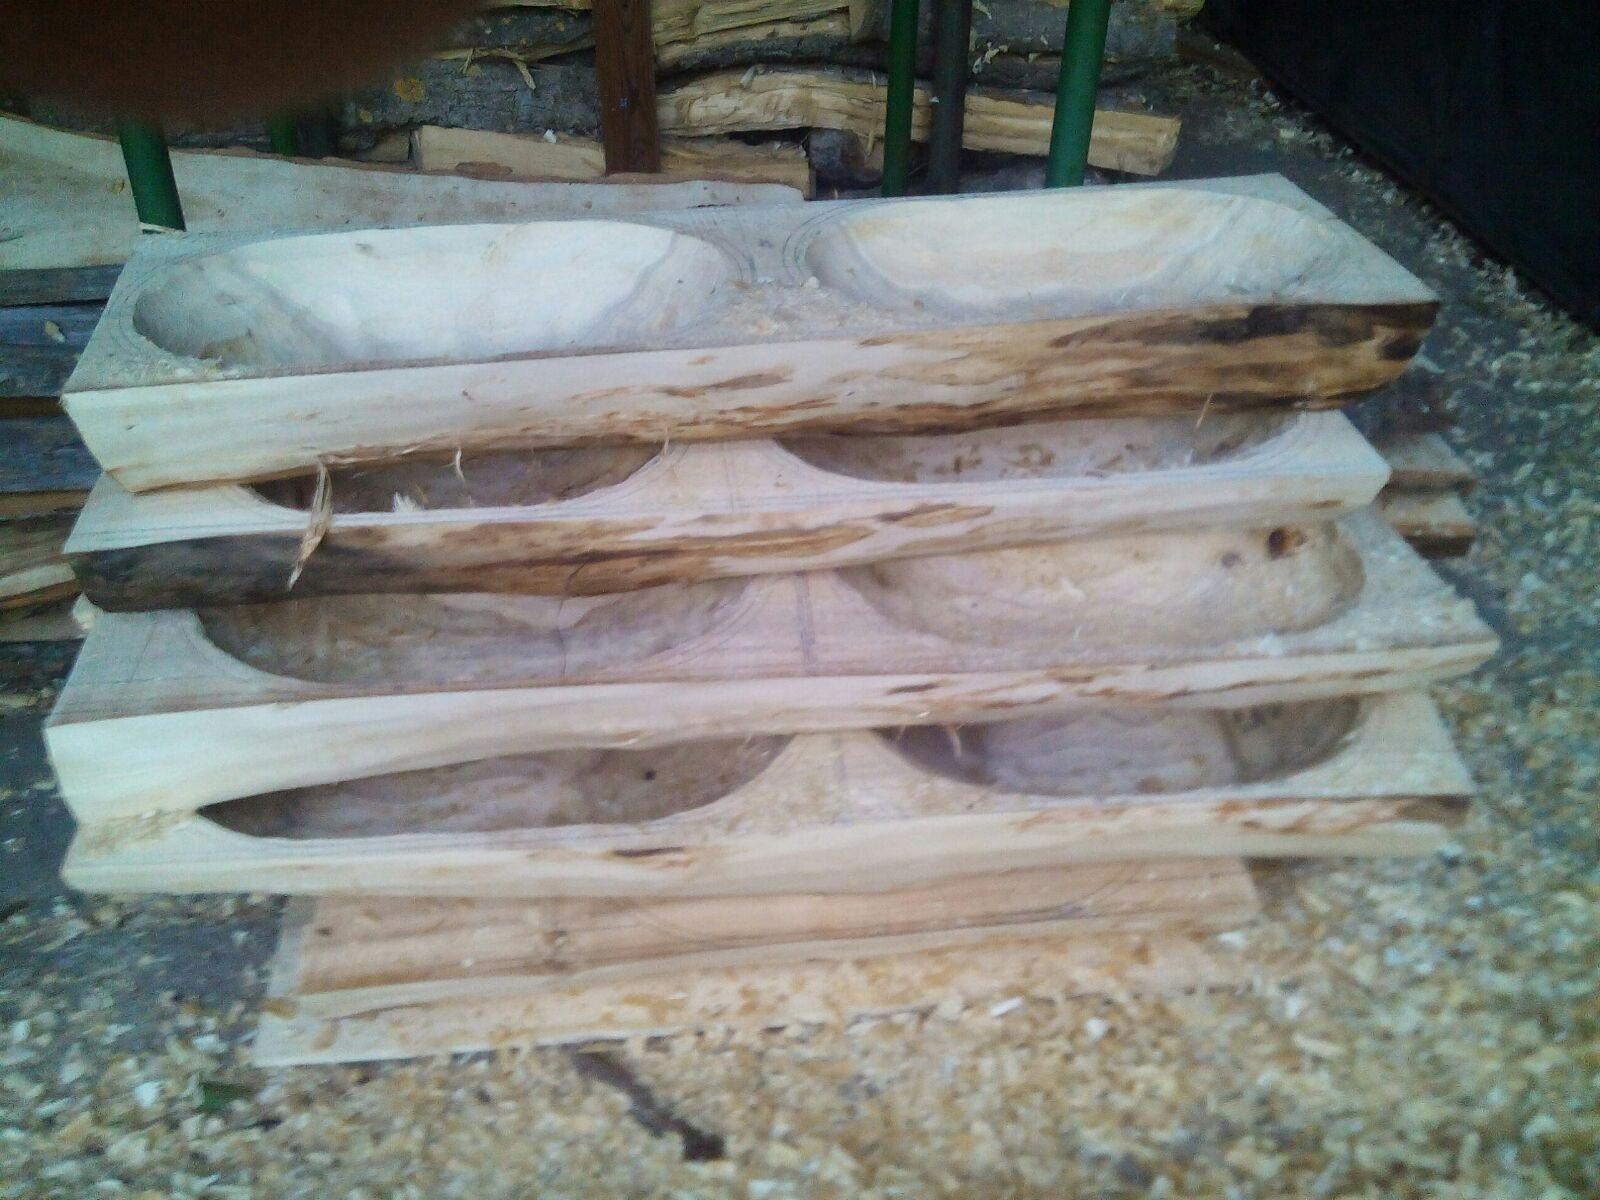 Die ersten Formen der Mollen sind ausgefräst